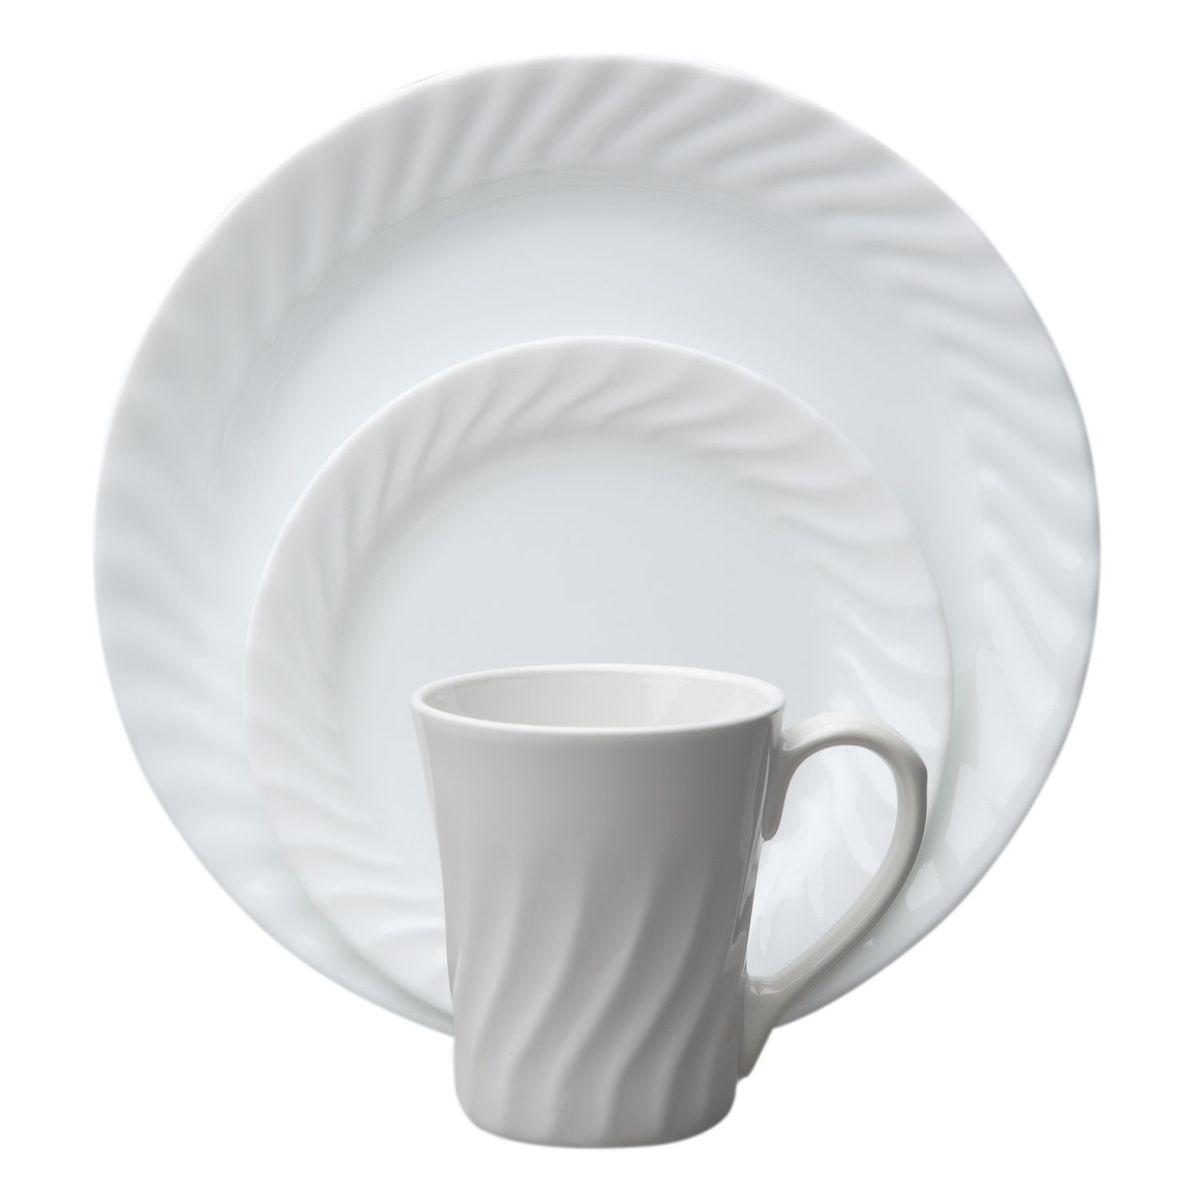 Набор посуды Enhancements 16пр, цвет: белыйBK-7242Преимуществами посуды Corelle являются долговечность, красота и безопасность в использовании. Вся посуда Corelle изготавливается из высококачественного ударопрочного трехслойного стекла Vitrelle и украшена деколями американских и европейских дизайнеров. Рисунки не стираются и не царапаются, не теряют свою яркость на протяжении многих лет. Посуда Corelle не впитывает запахов и очень долгое время выглядит как новая. Уникальная эмаль, используемая во время декорирования, фактически становится единым целым с поверхностью стекла, что гарантирует долгое сохранение нанесенного рисунка. Еще одним из главных преимуществ посуды Corelle является ее безопасность. В производстве используются только безопасные для пищи пигменты эмали, при производстве посуды не применяется вредный для здоровья человека меламин. Изделия из материала Vitrelle: Прочные и легкие; Выдерживают температуру до 180С; Могут использоваться в посудомоечной машине и микроволновой печи; Штабелируемые; Устойчивы к царапинам; Ударопрочные; Не содержит меламин.4 обеденные тарелки 26 см; 4 десертные тарелки 18 см; 4 суповые тарелки 530 мл; 4 фарфоровые кружки 270 мл